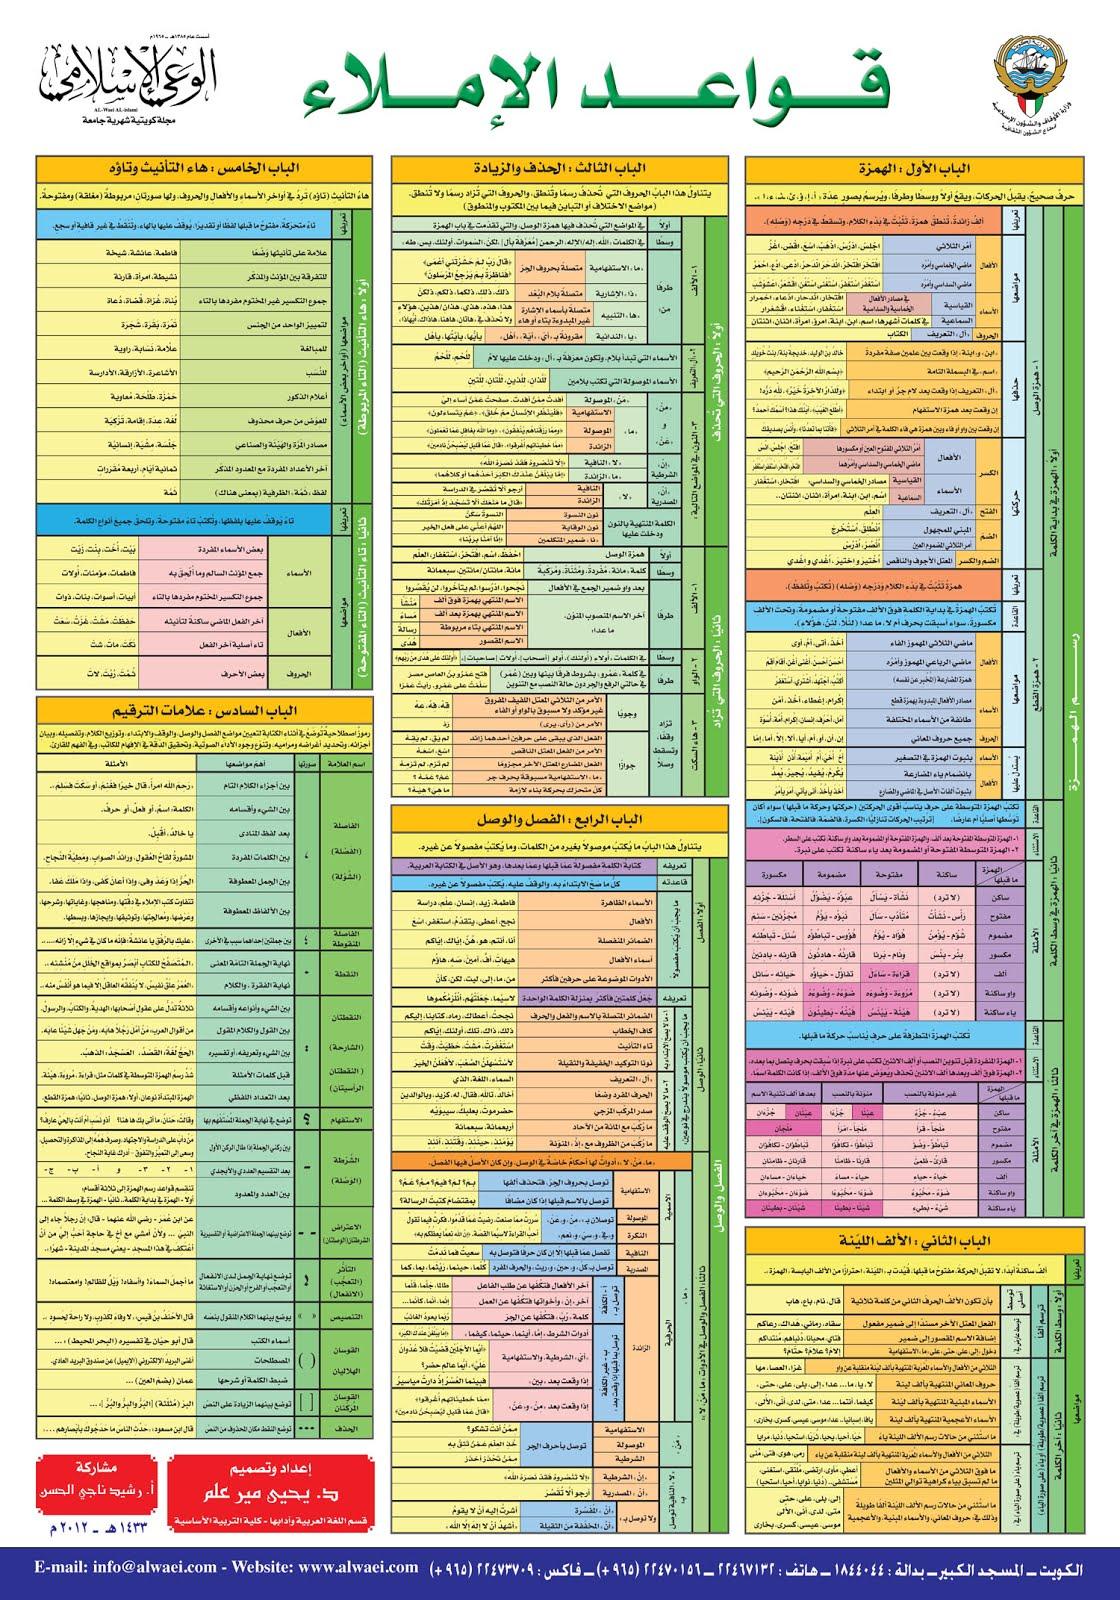 هدية رائعة: ملخص كل قواعد الاملاء فى ورقة واحدة - صفحة 3 Modars1.com-077